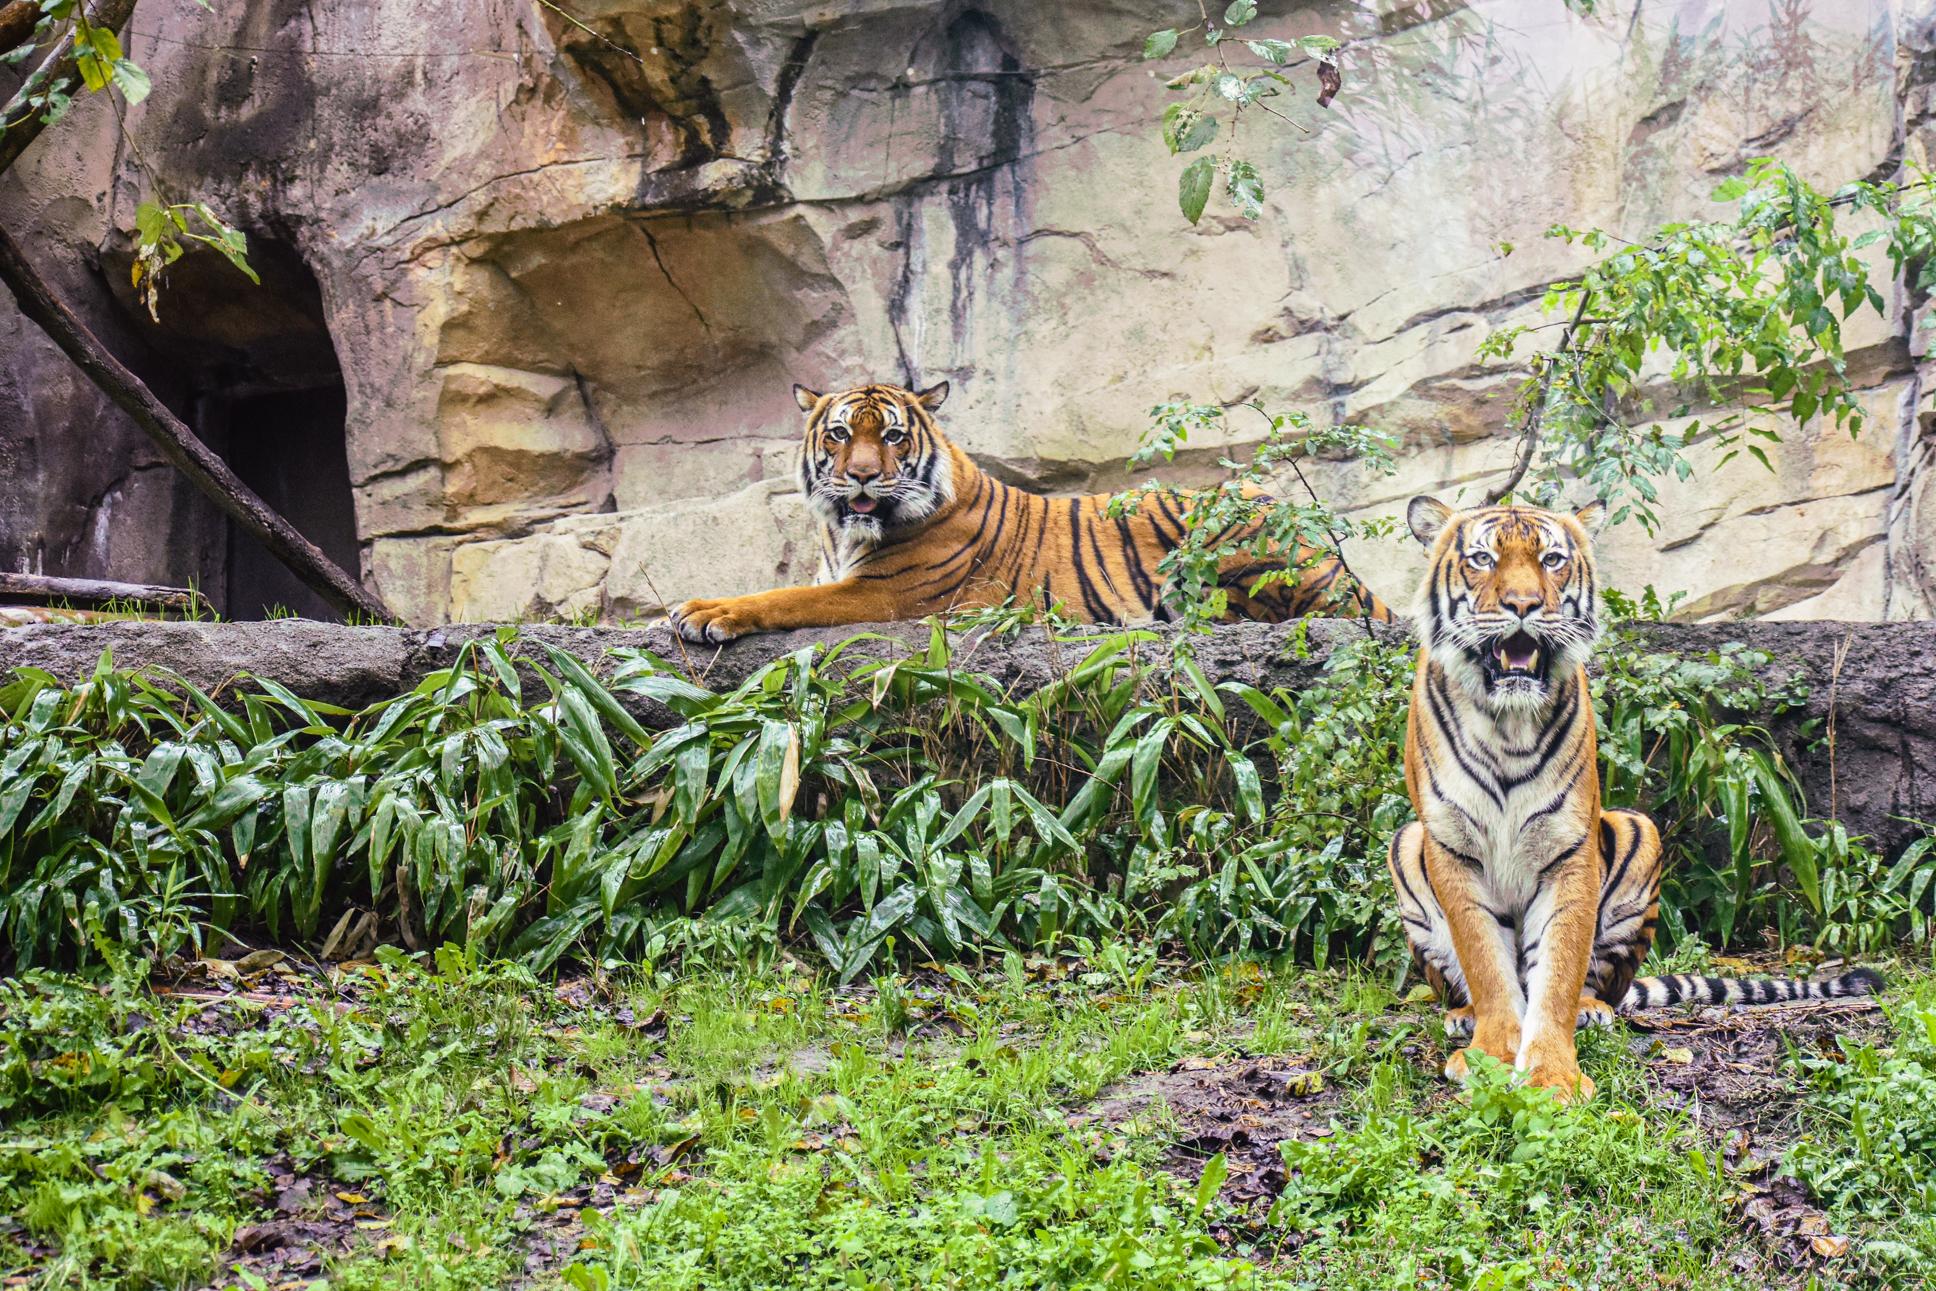 Malayan Tiger at the Virginia Zoo